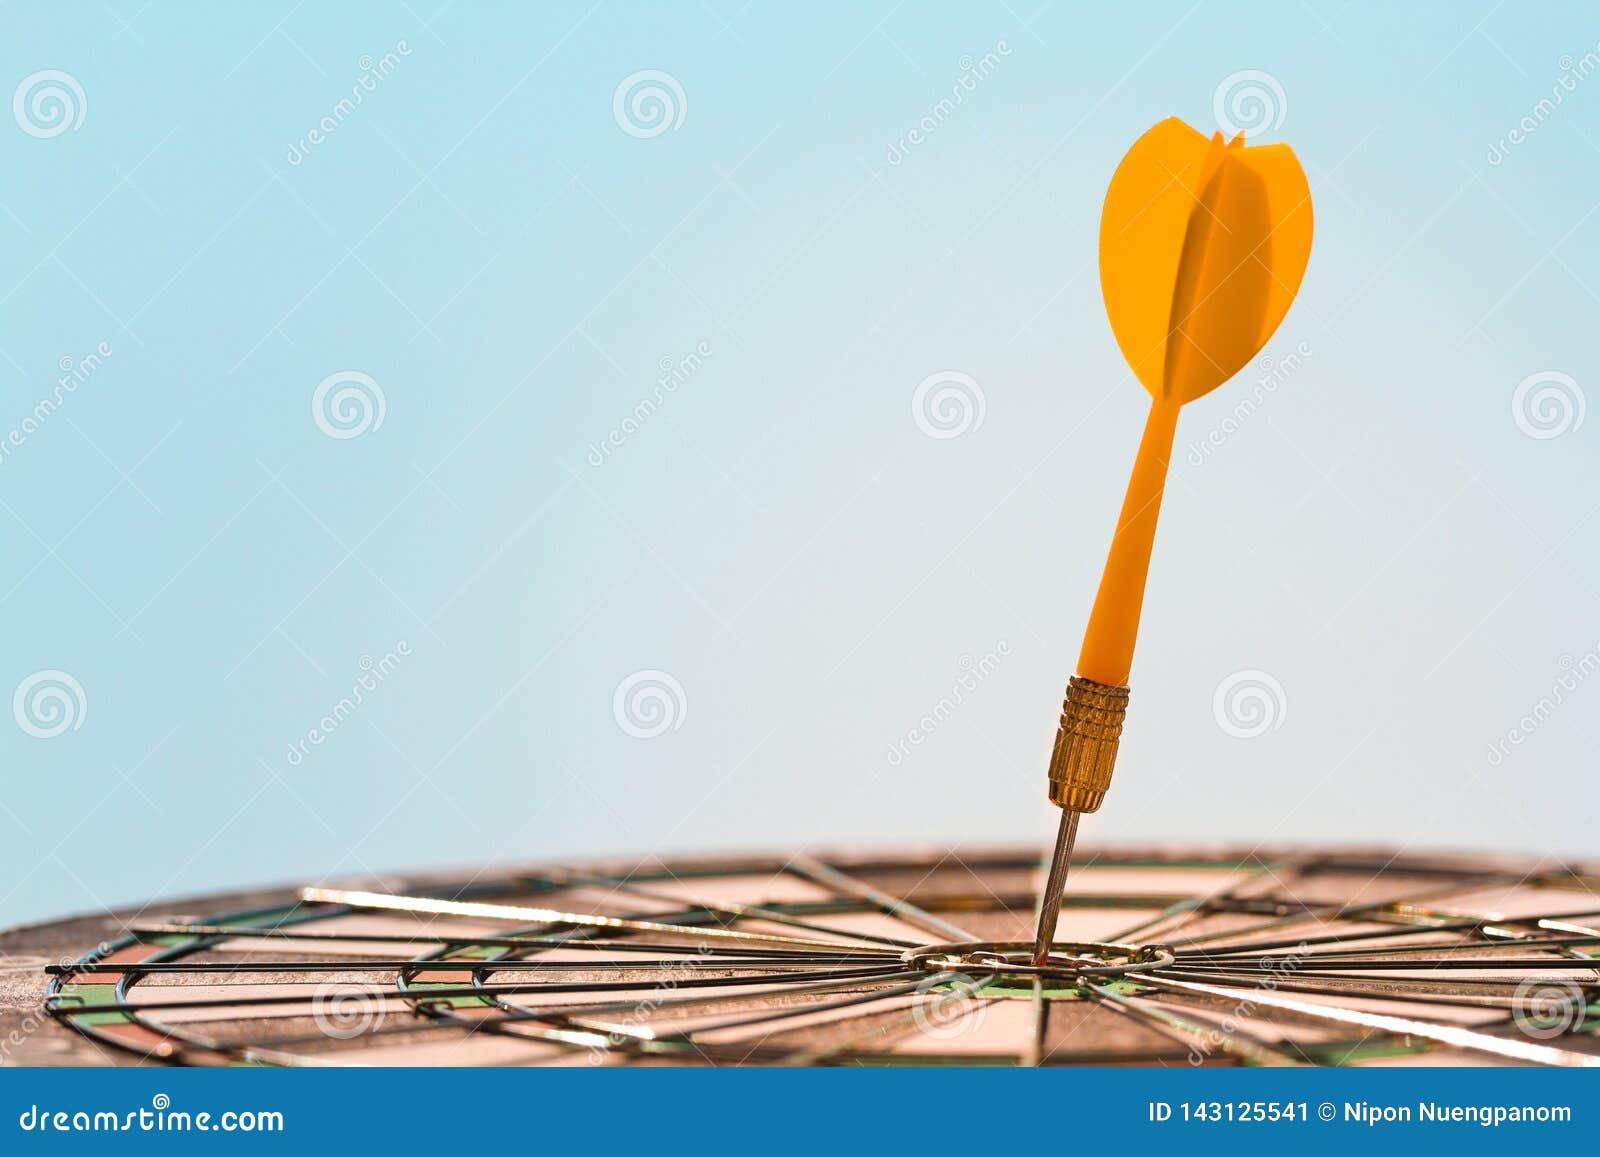 Oranje pijltjepijl die stier-oog in centrum van dartboard op blauwe hemelachtergrond raken